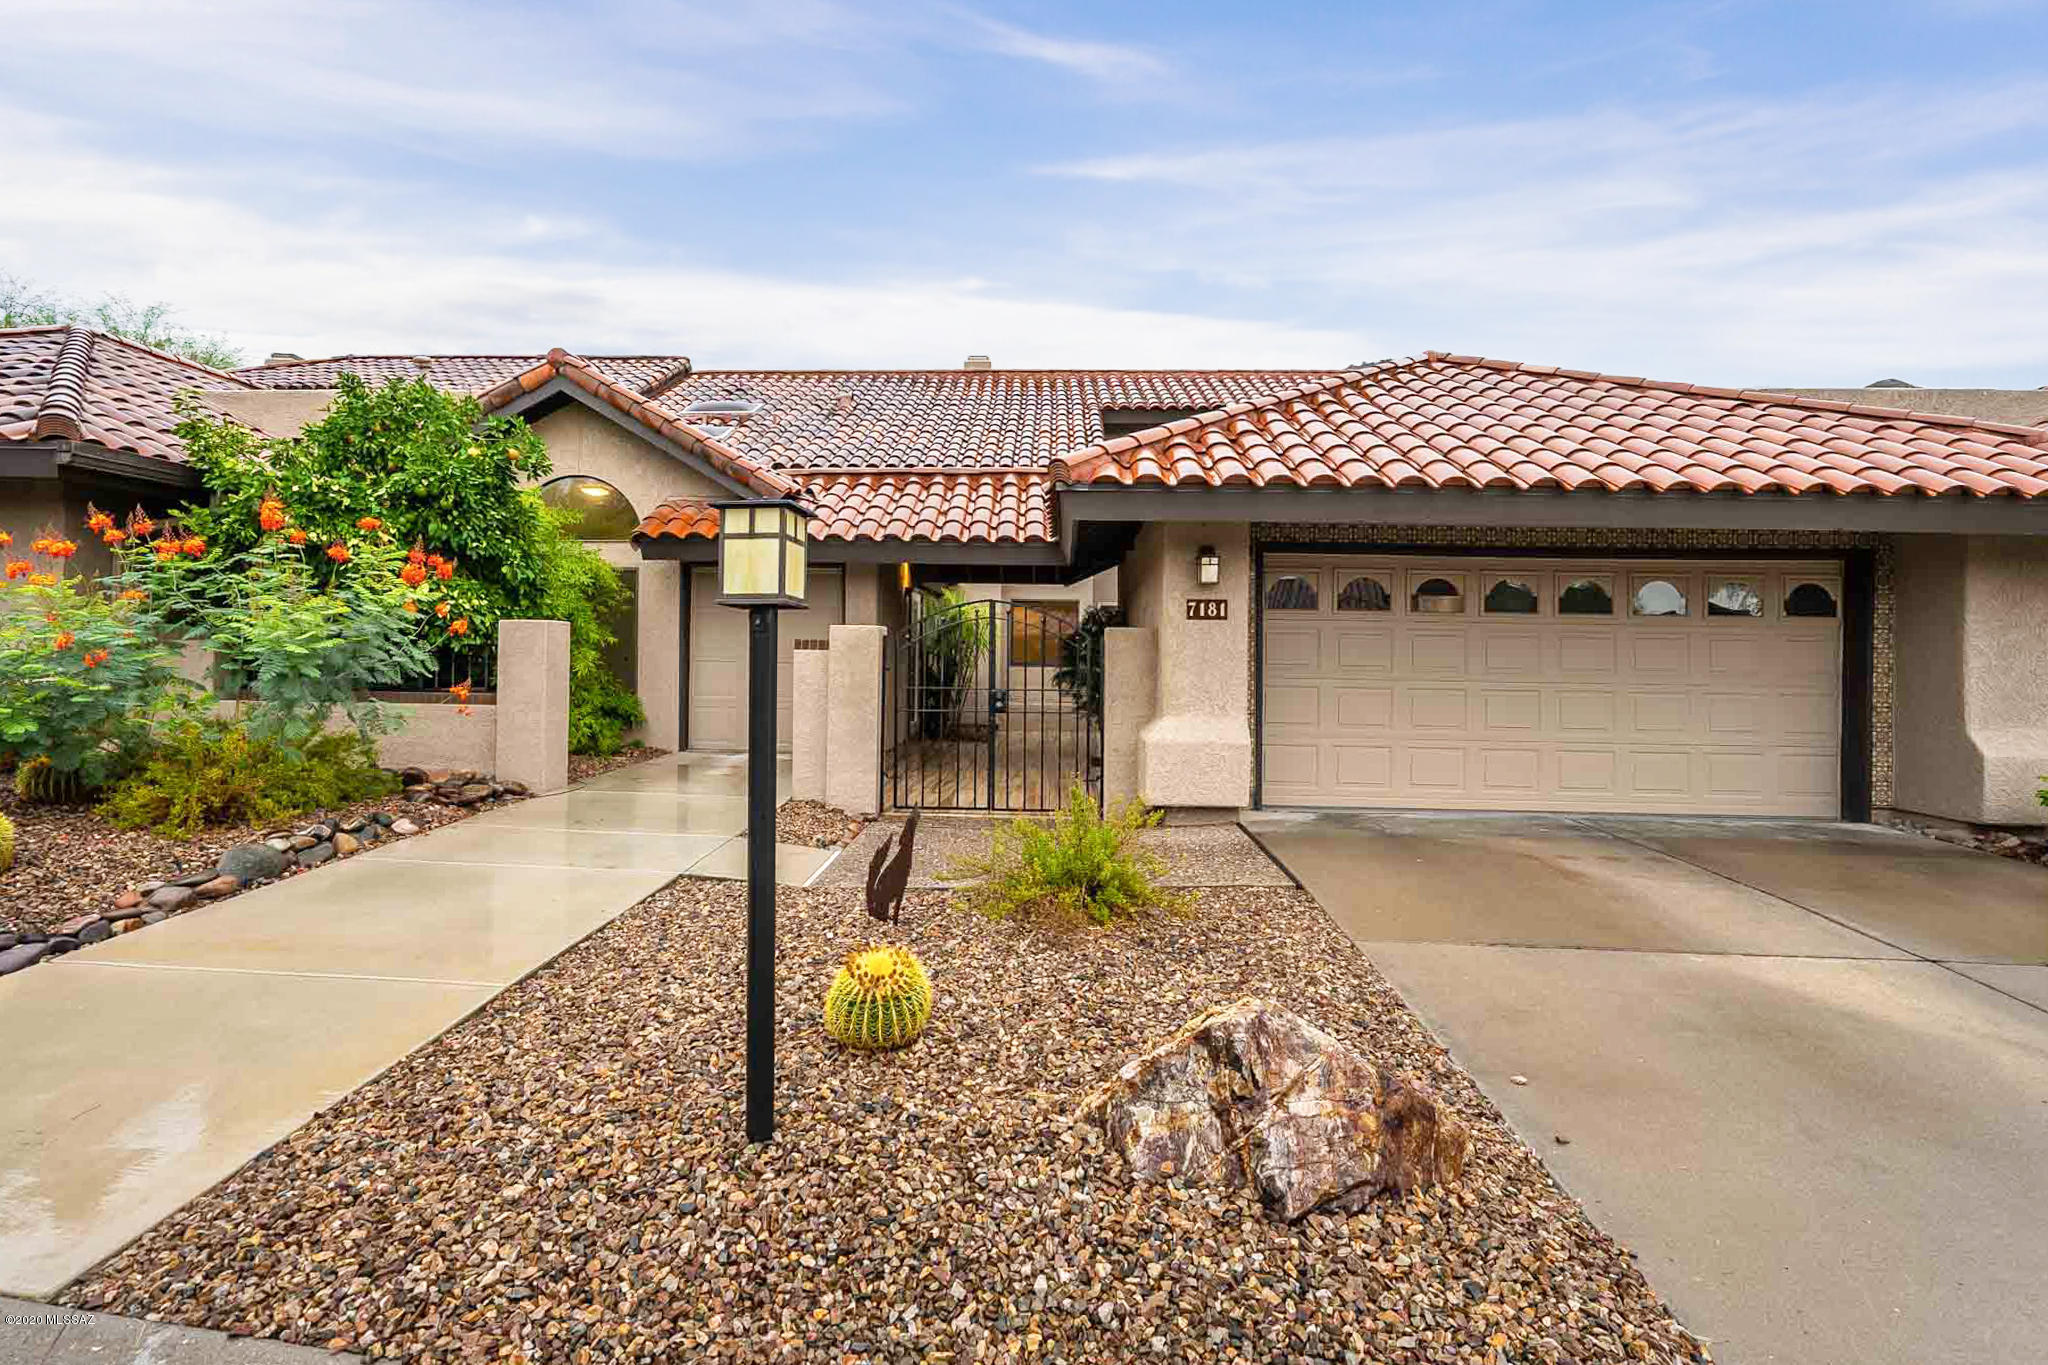 Photo of 7181 E Grey Fox Lane, Tucson, AZ 85750